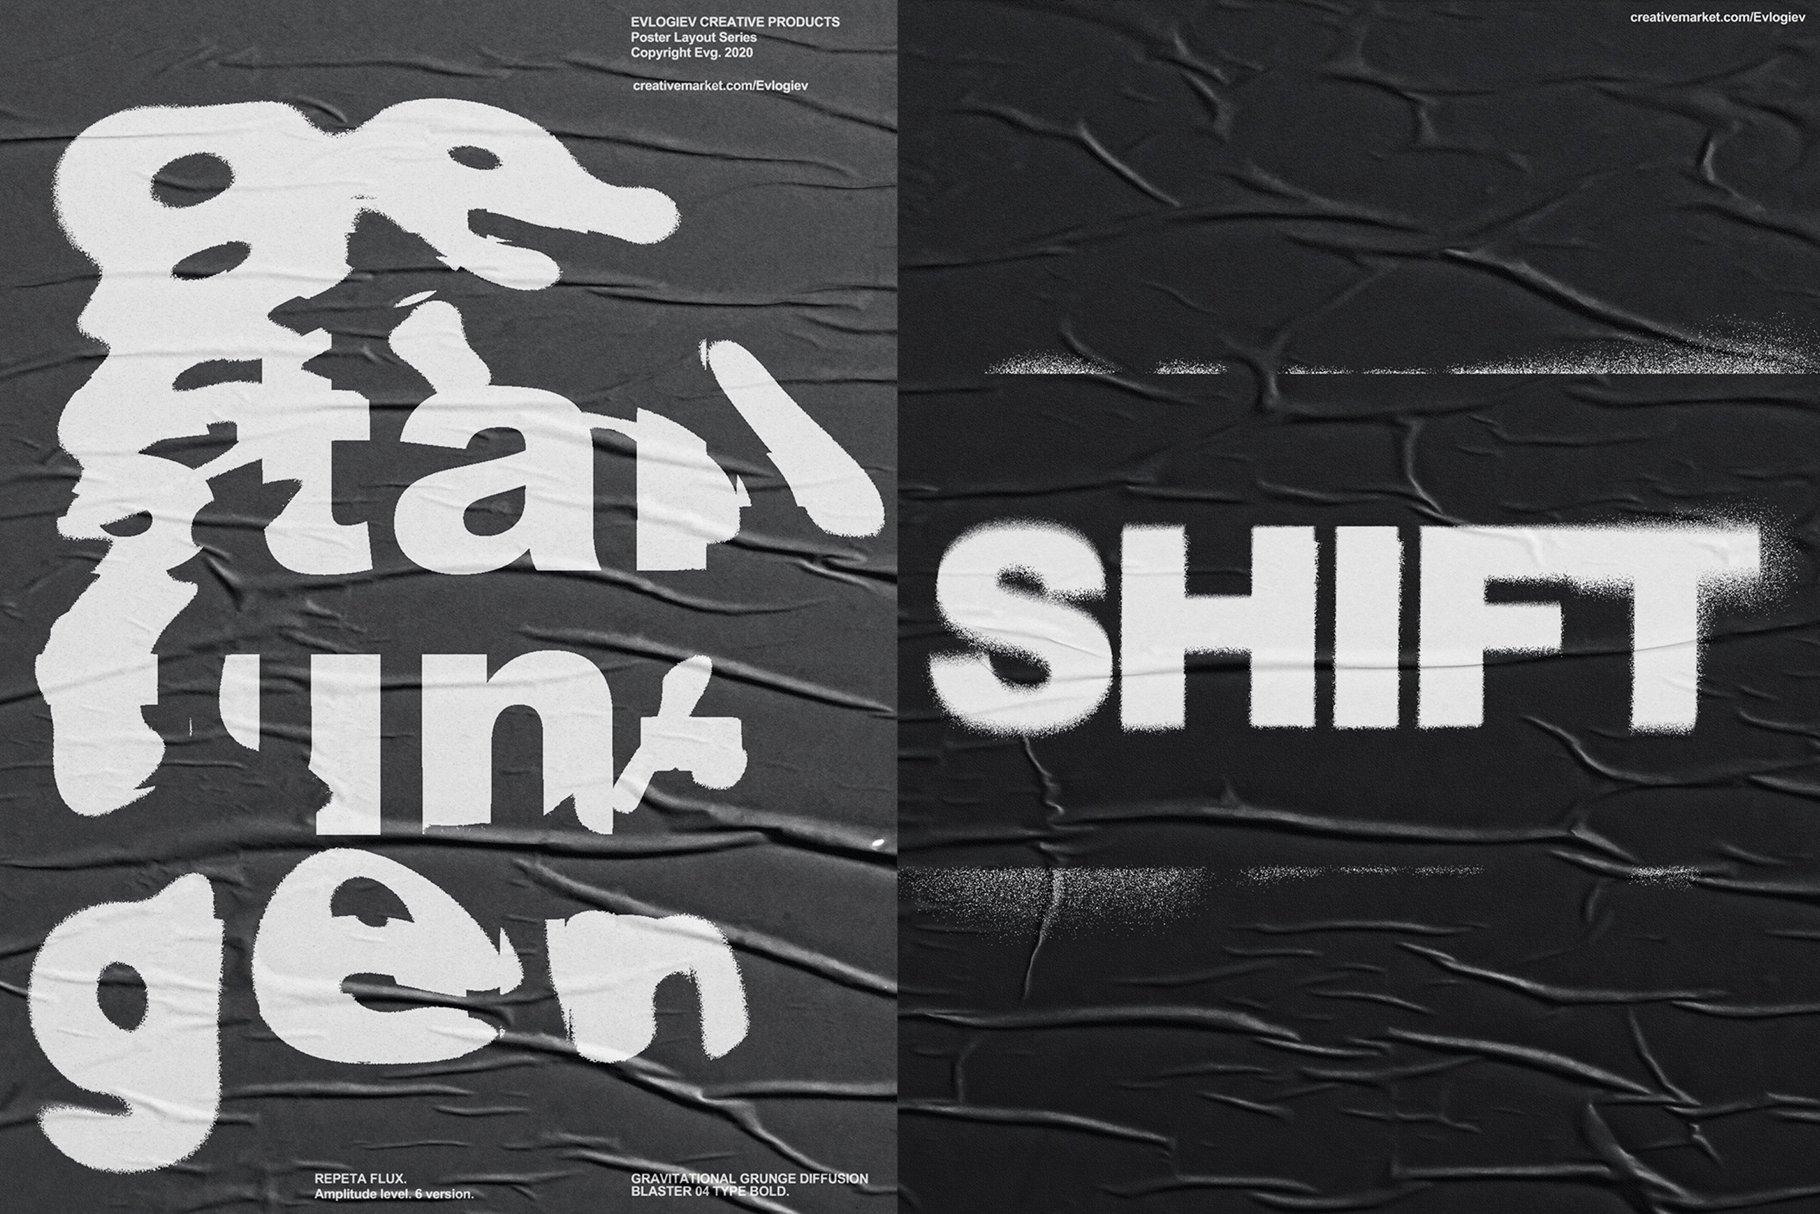 20款创意抽象主视觉海报标题特效字体设计智能贴图样机模板 Typographic Poster Layouts No.01插图(1)